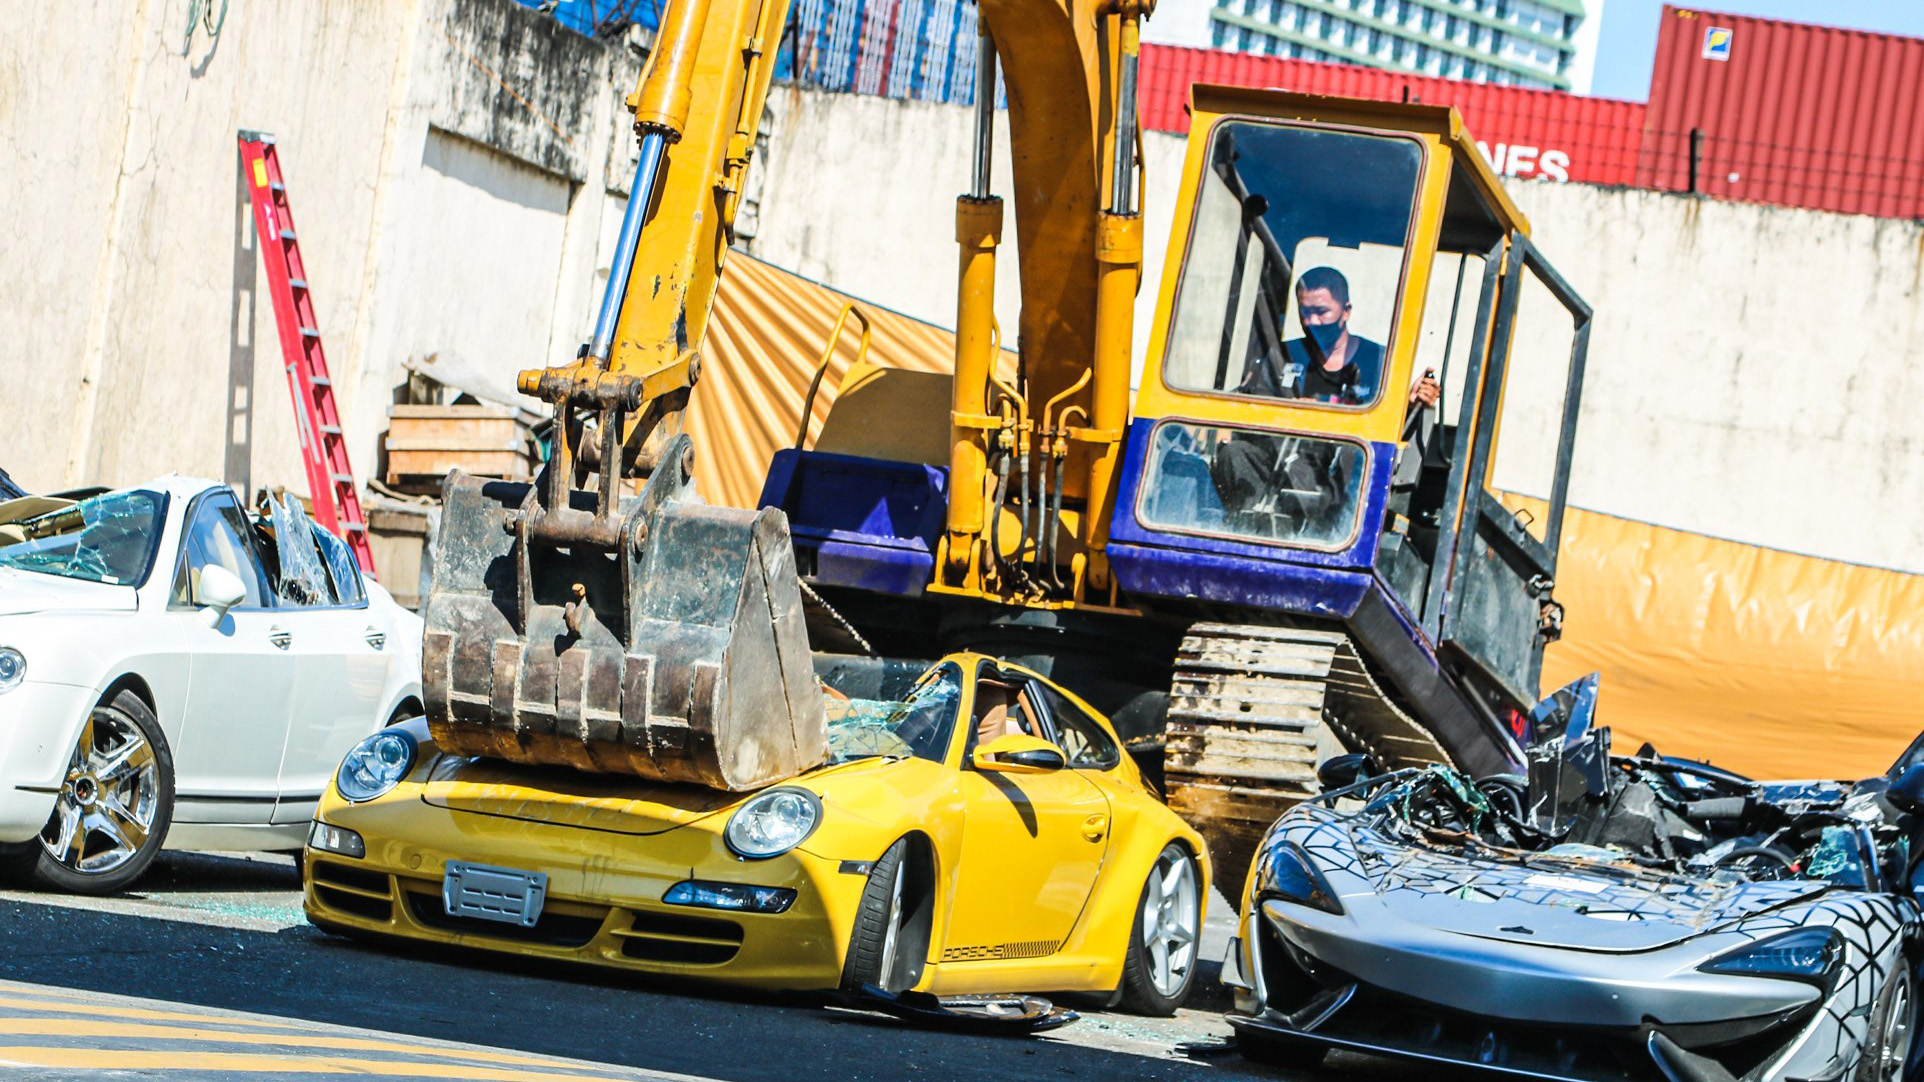 McLaren 620R, Lotus Elise, Bentley Flying Spur, Porsche 911, Mercedes-Benz SLK, Hyundai Genesis, Toyota Solara destruídos nas Filipinas (7)